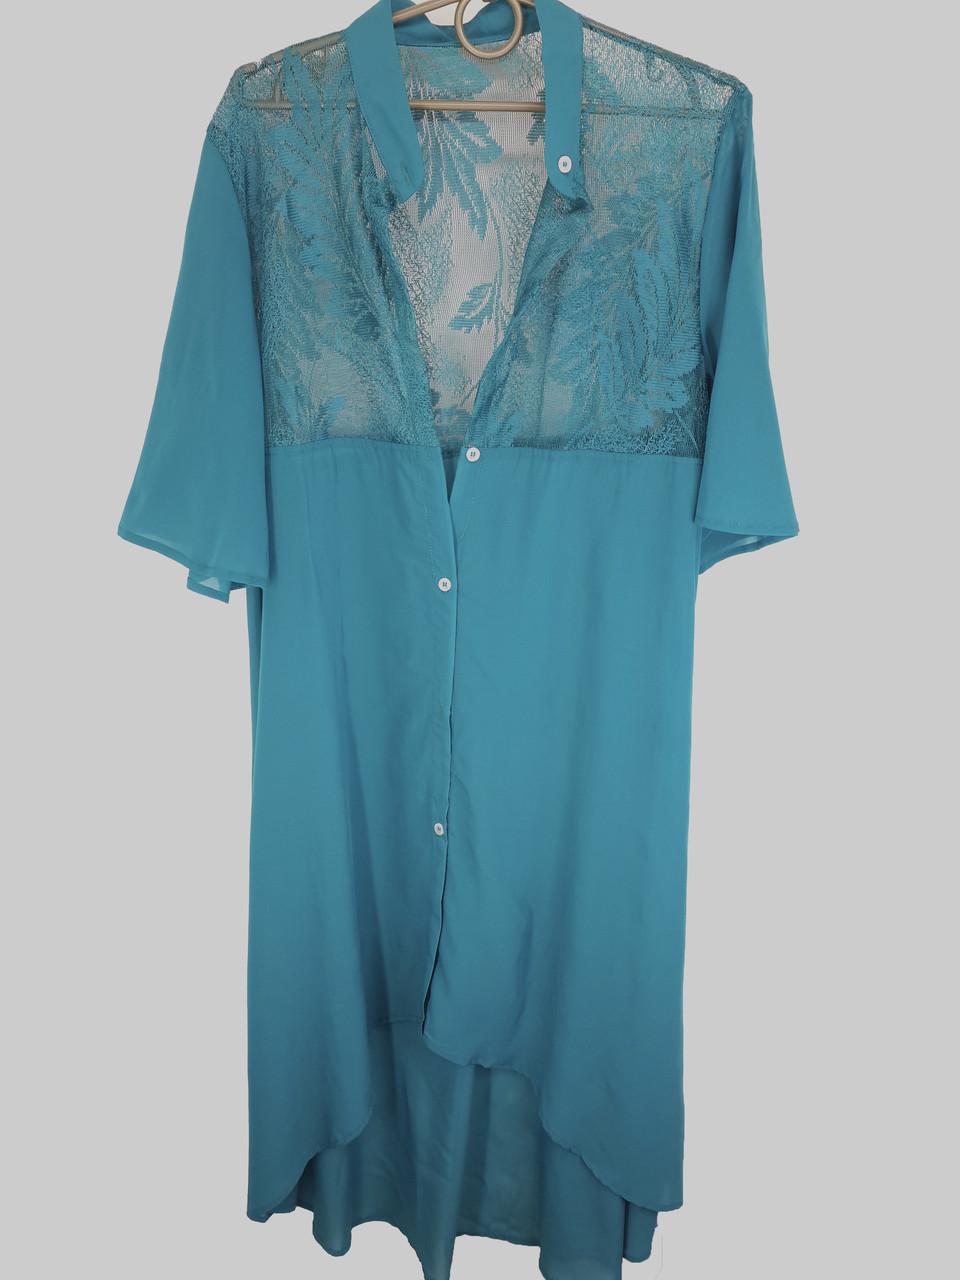 Длинная пляжная рубашка кимоно с гипюром Z. Five 145 бирюзовая на 50-54 размер